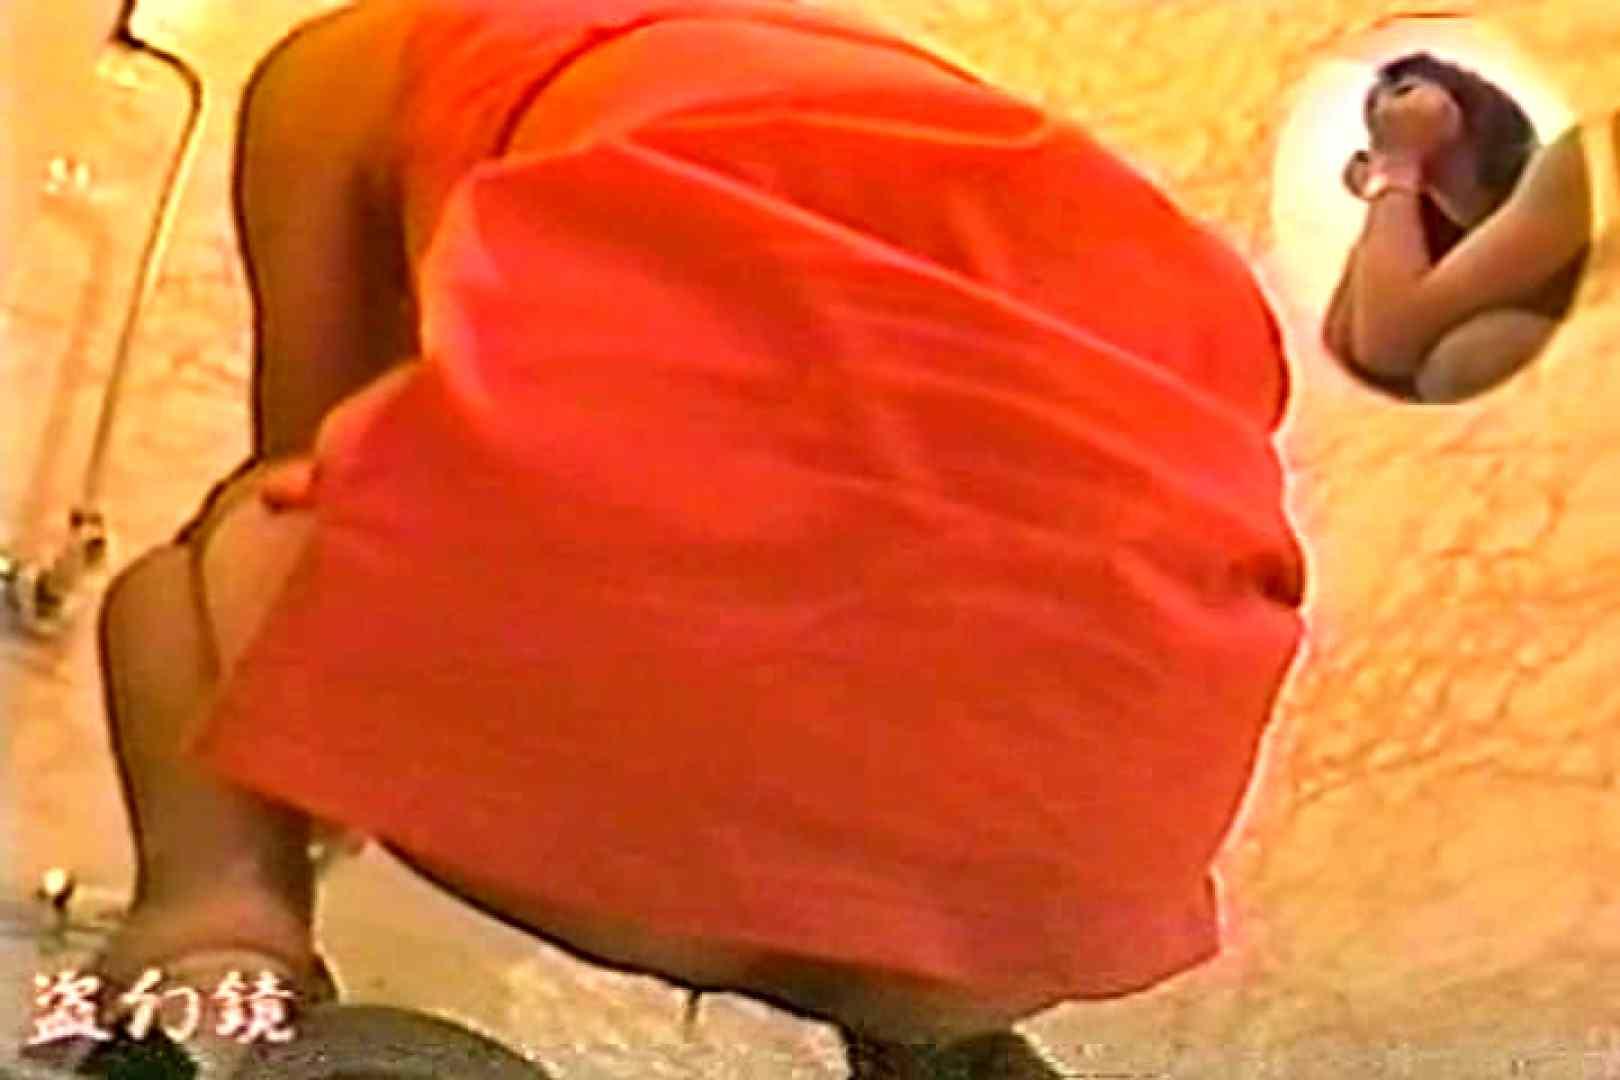 新説羞恥美女んMVX-2 美女ヌード オメコ無修正動画無料 58画像 20